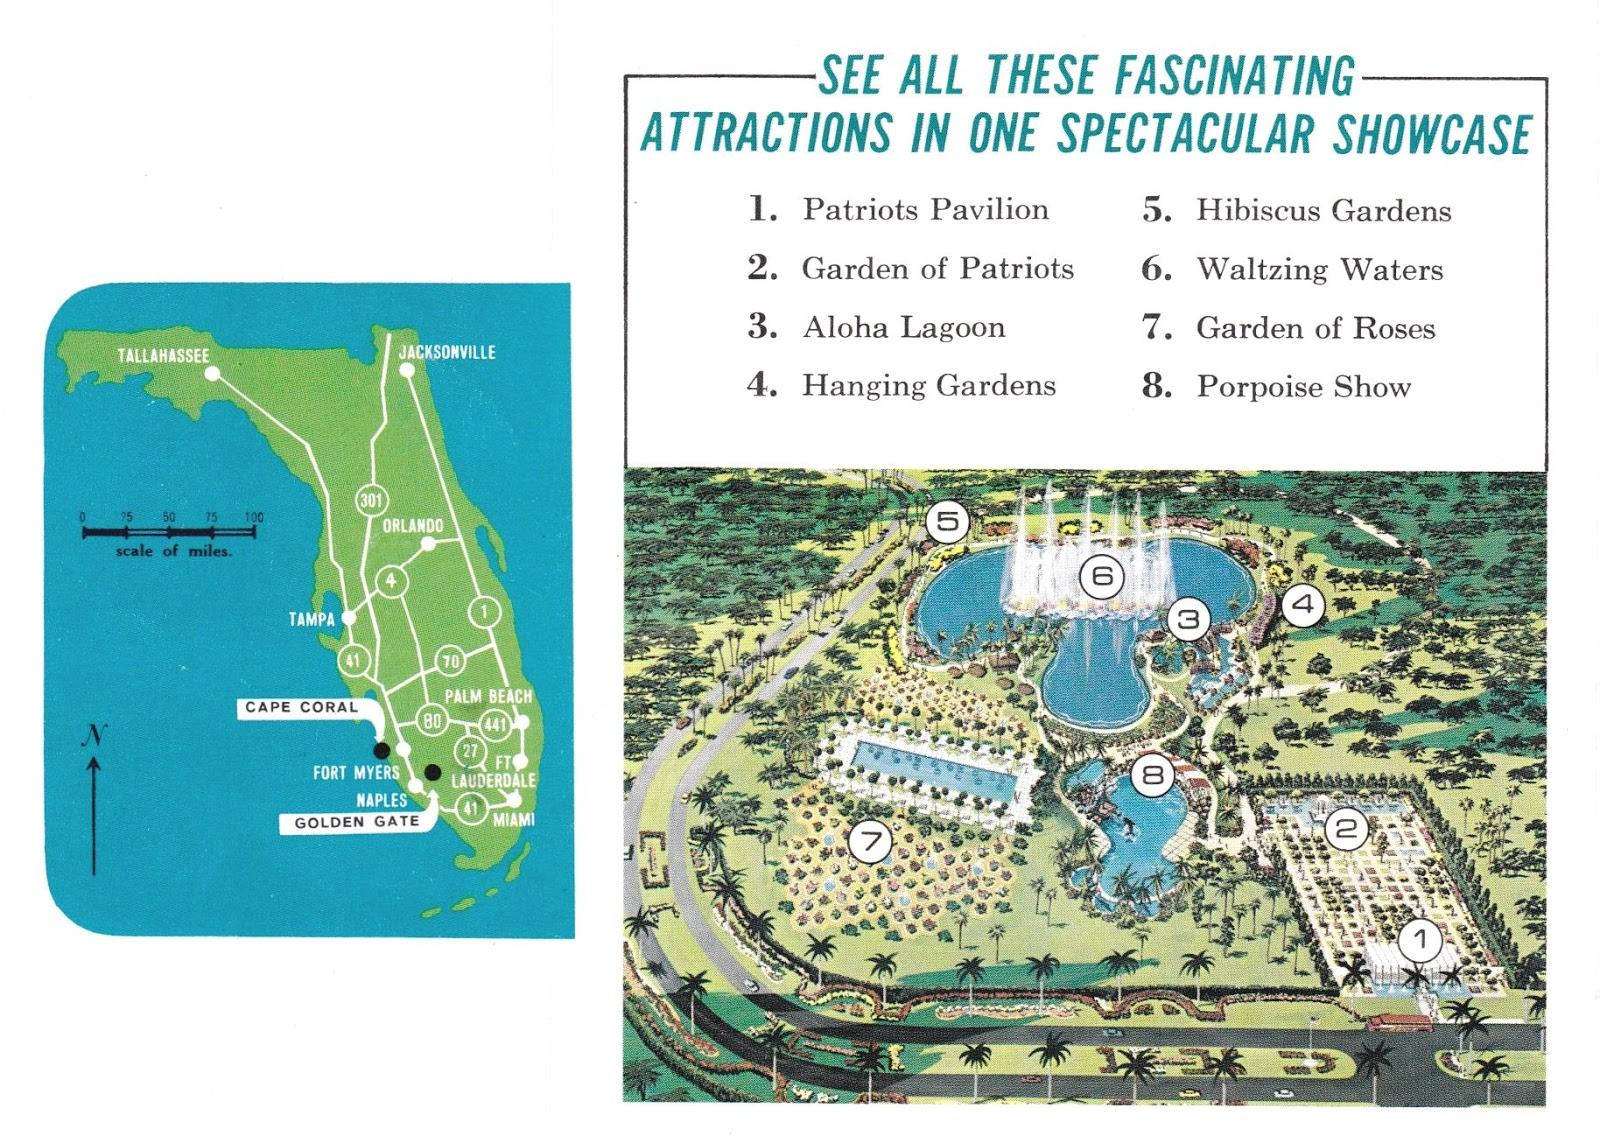 Cape Coral Gardens 39 65 Fretfr